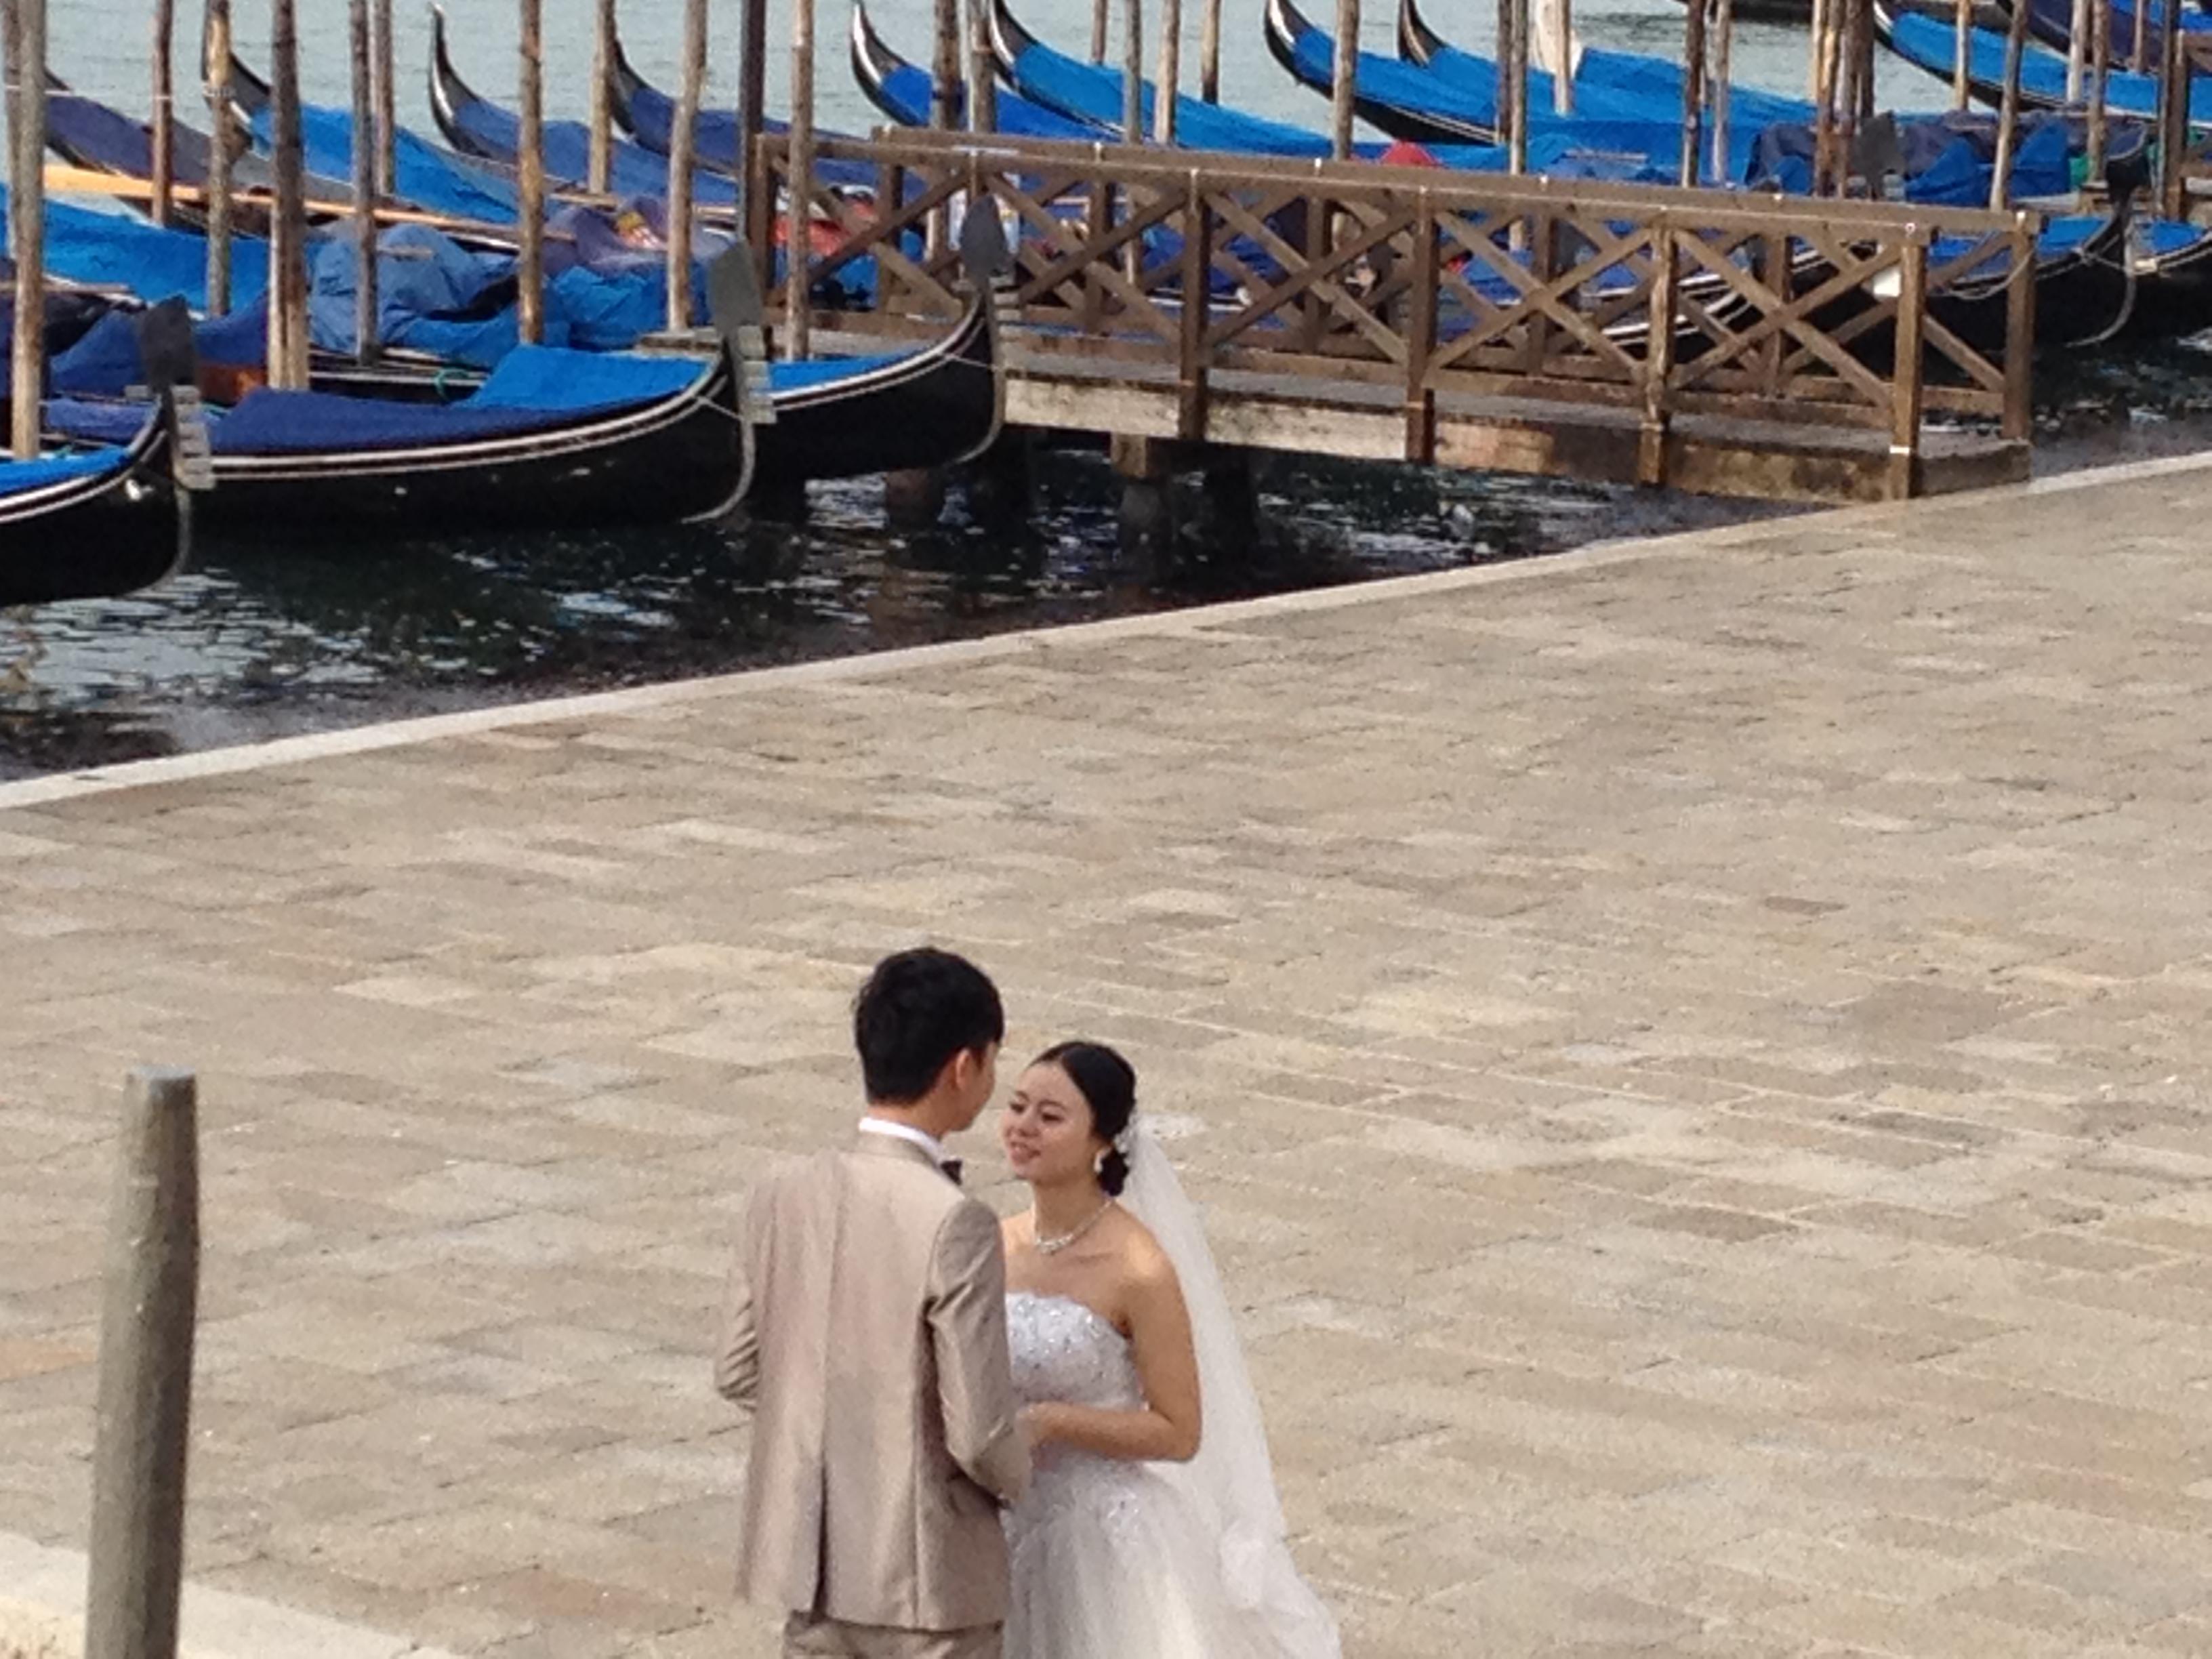 ITALY_Venice_Couple_Oliveira.JPG